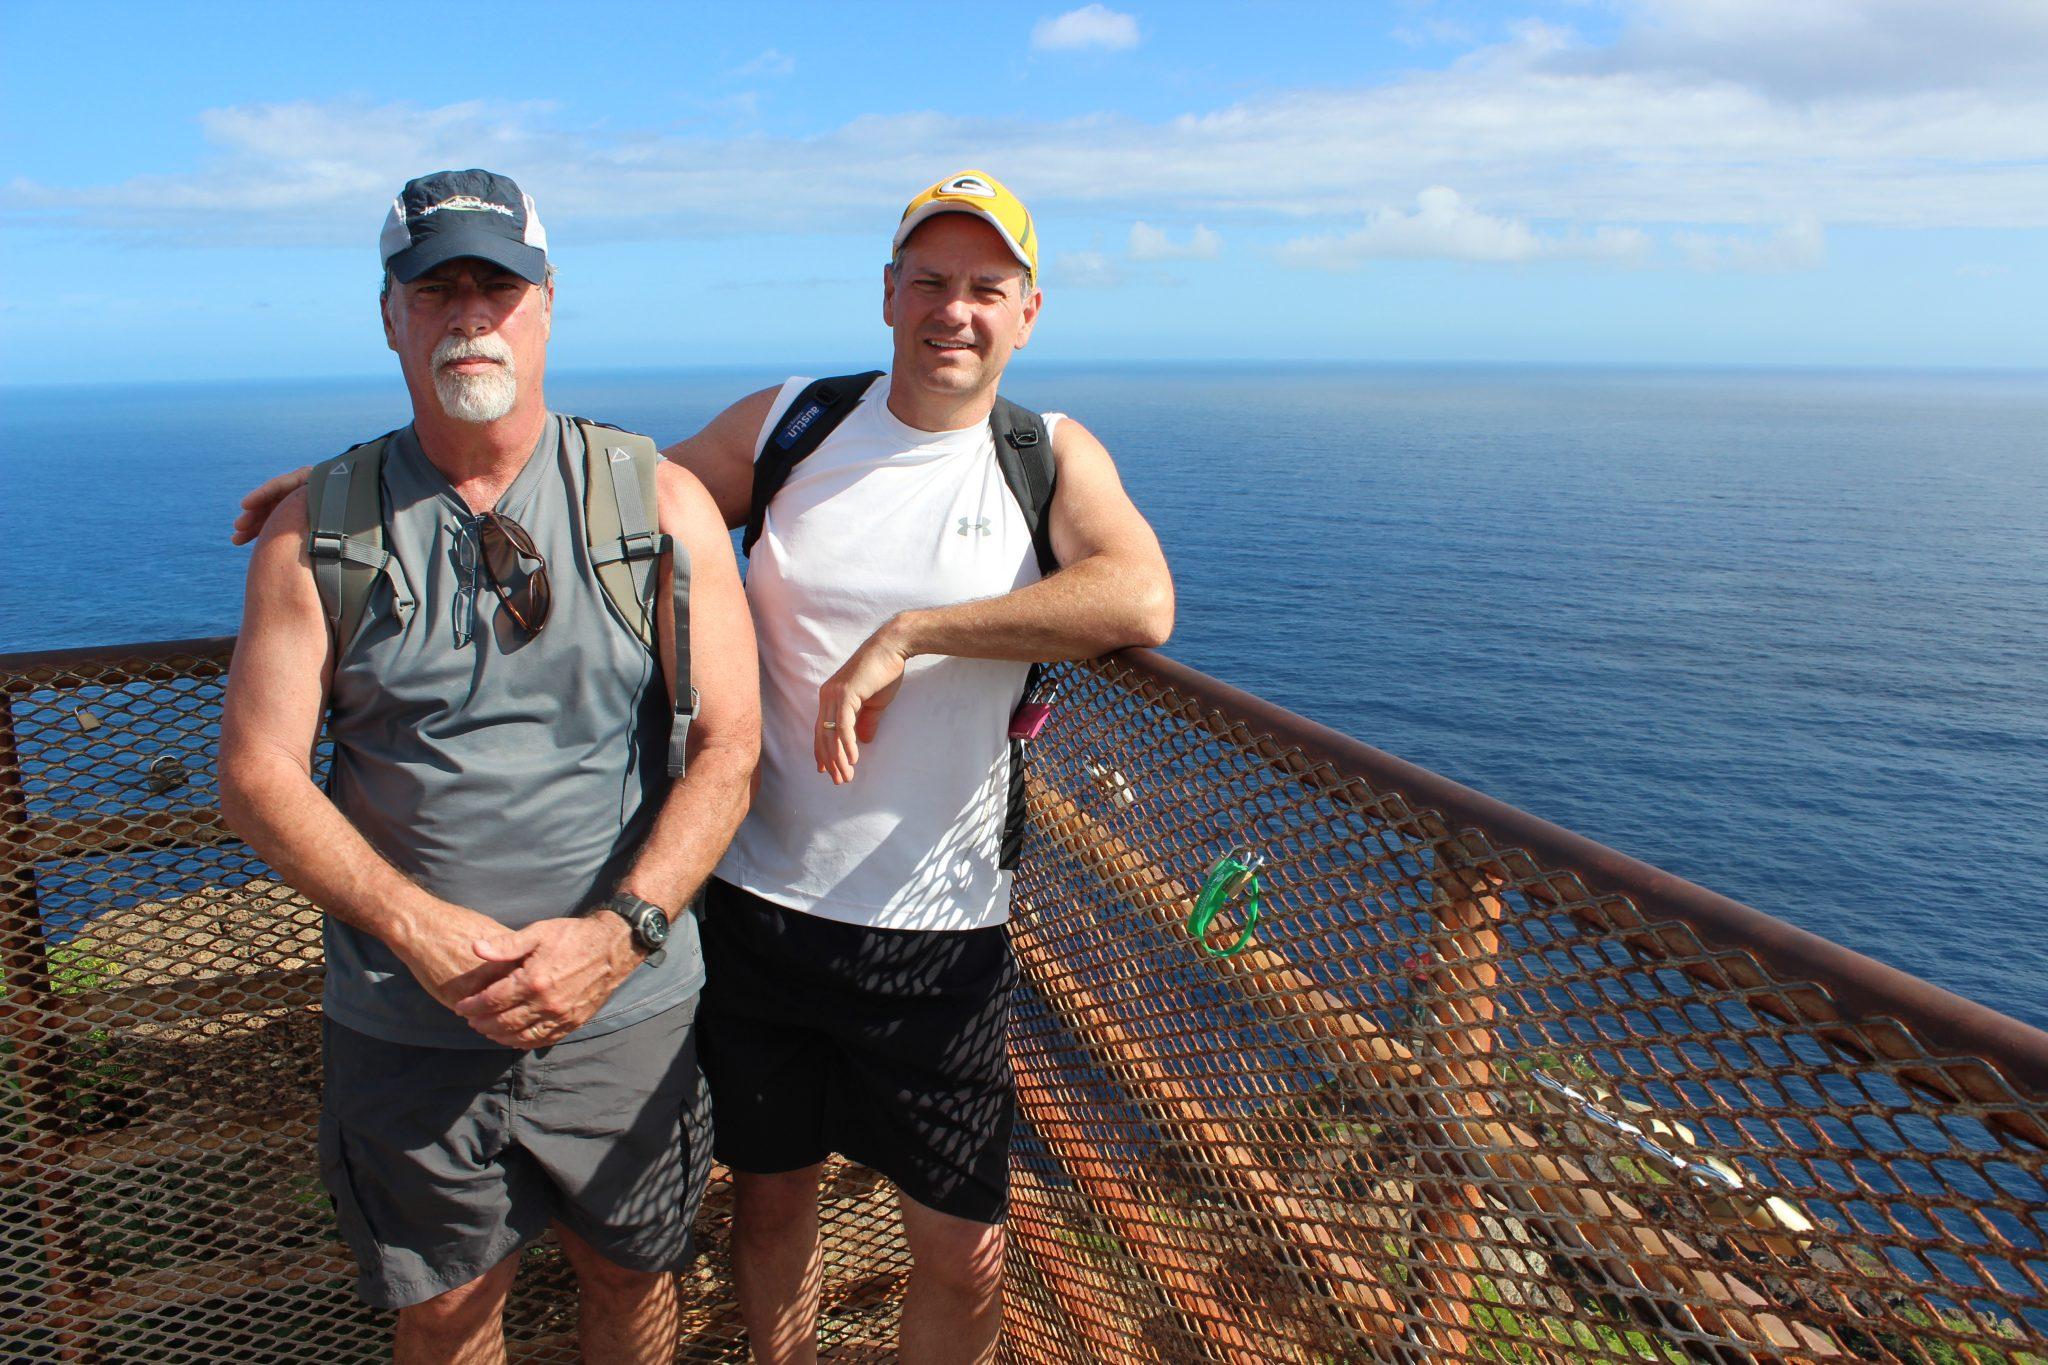 Bob Lavin and me